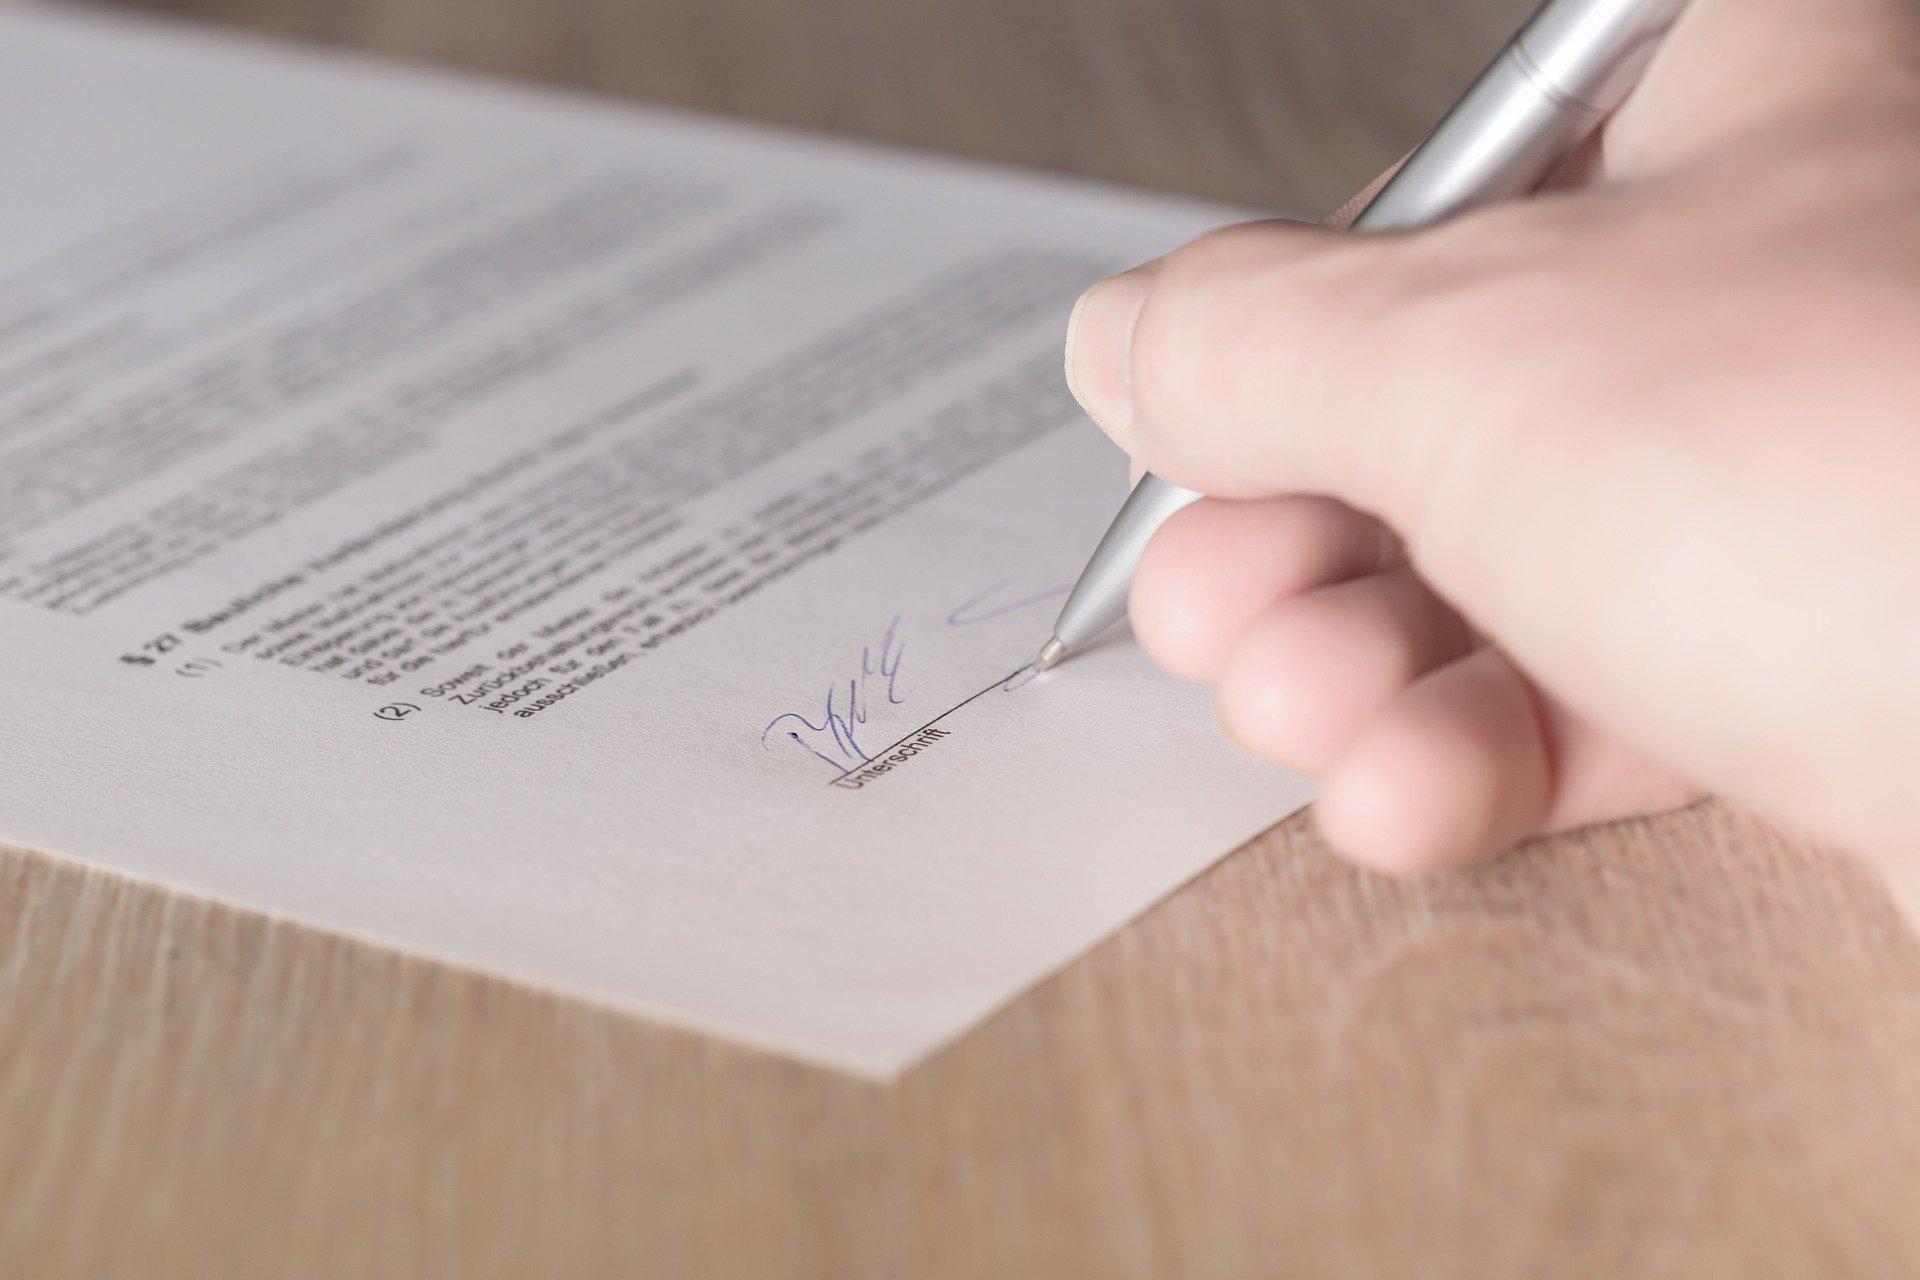 plná moc: podpis